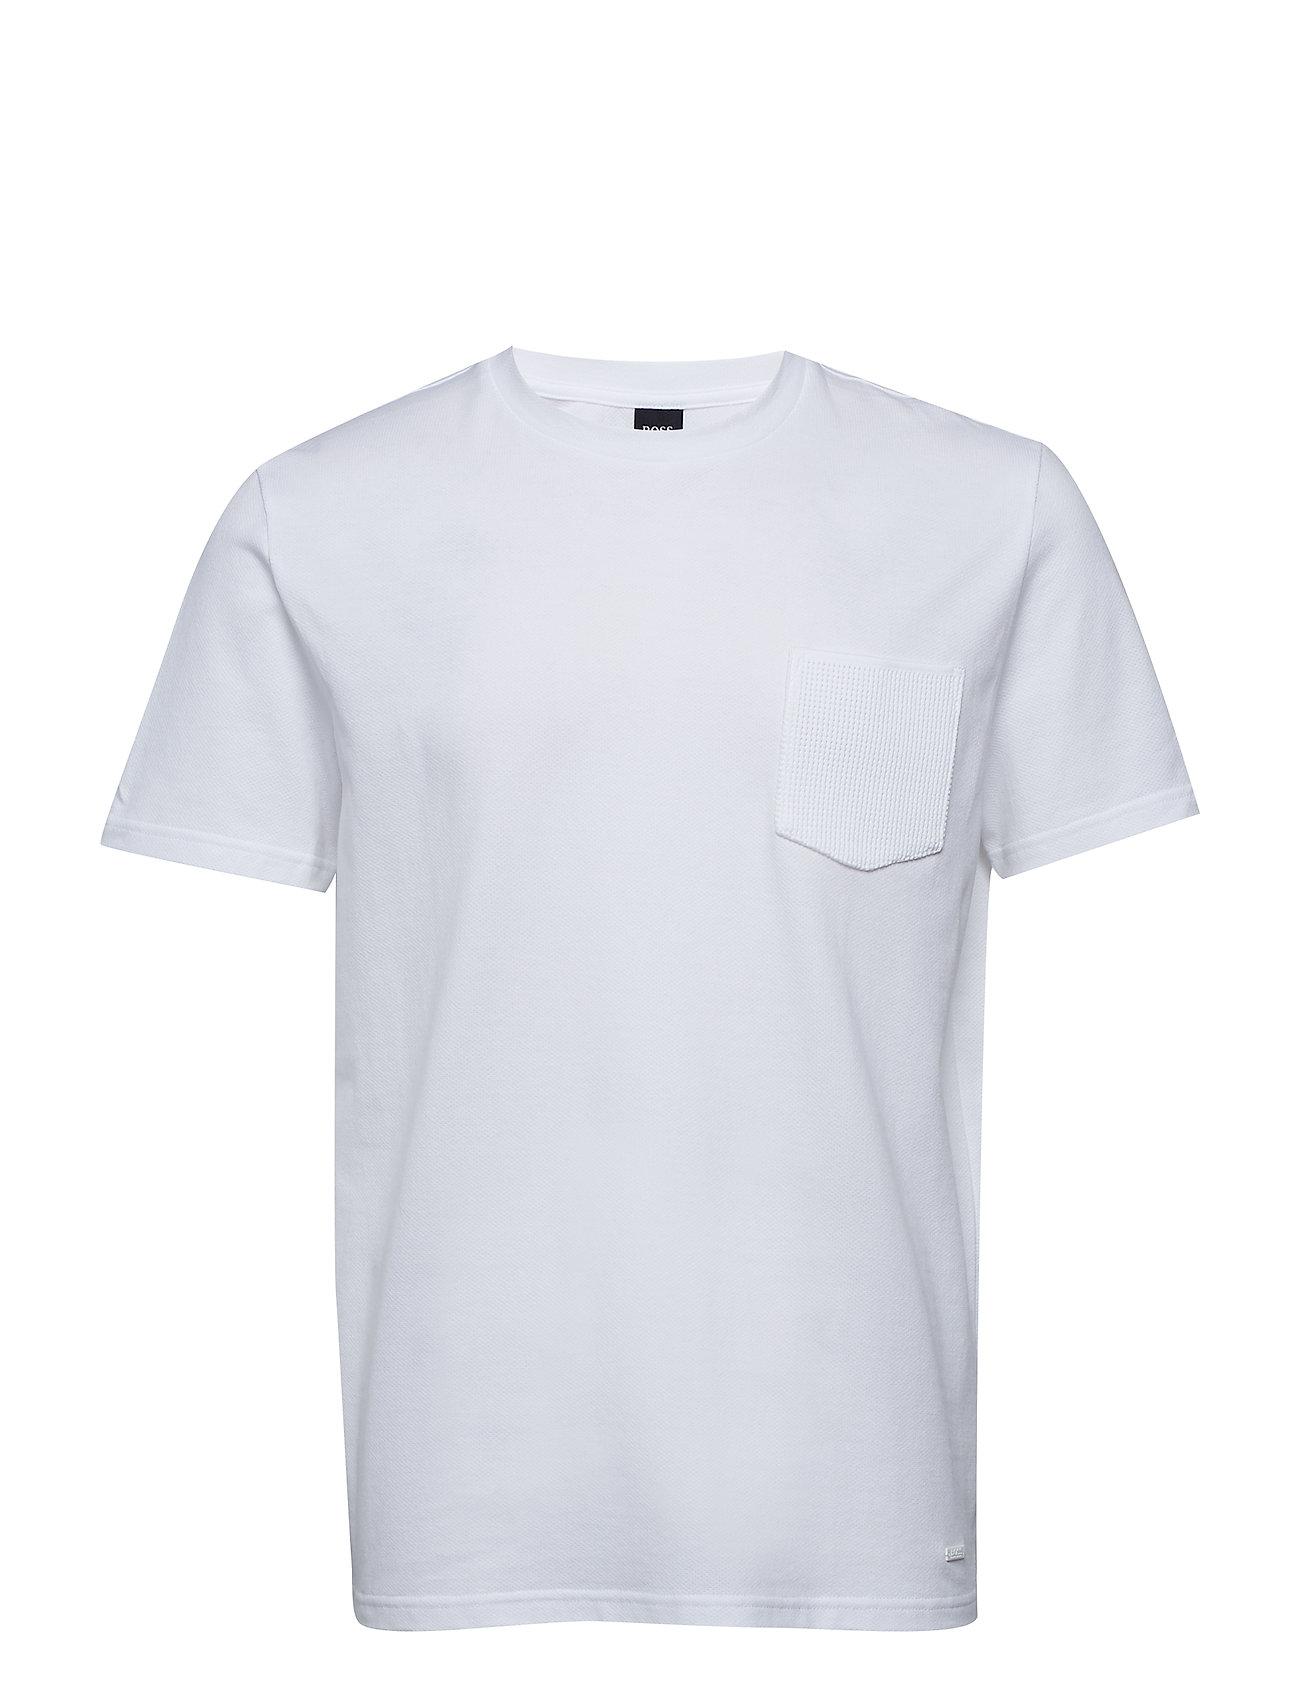 Boss Casual Wear TKnitway - WHITE